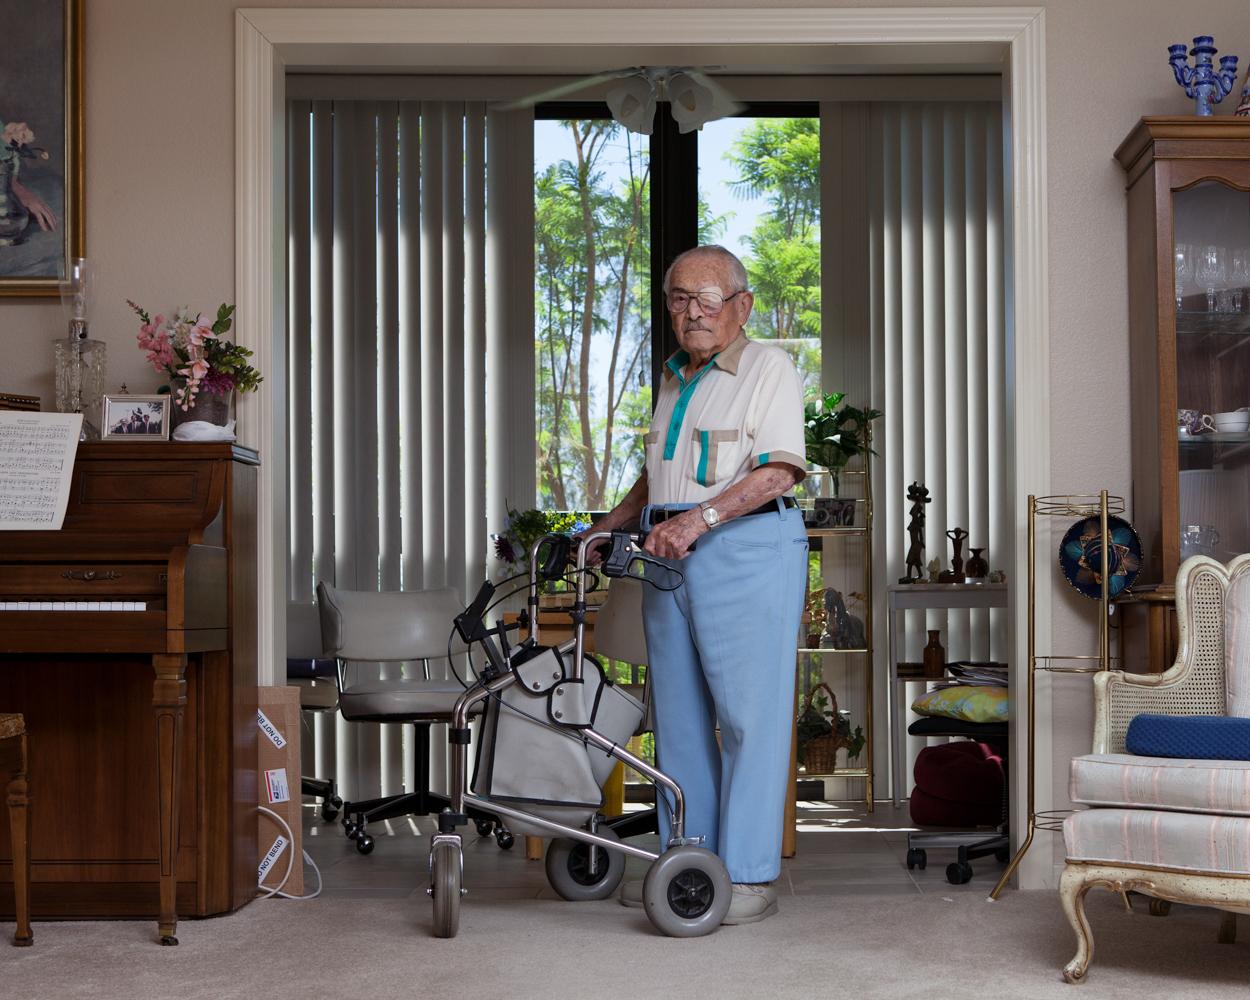 Abraham Meth (101 ans) dans son appartement en résidence médicalisée, Sun City